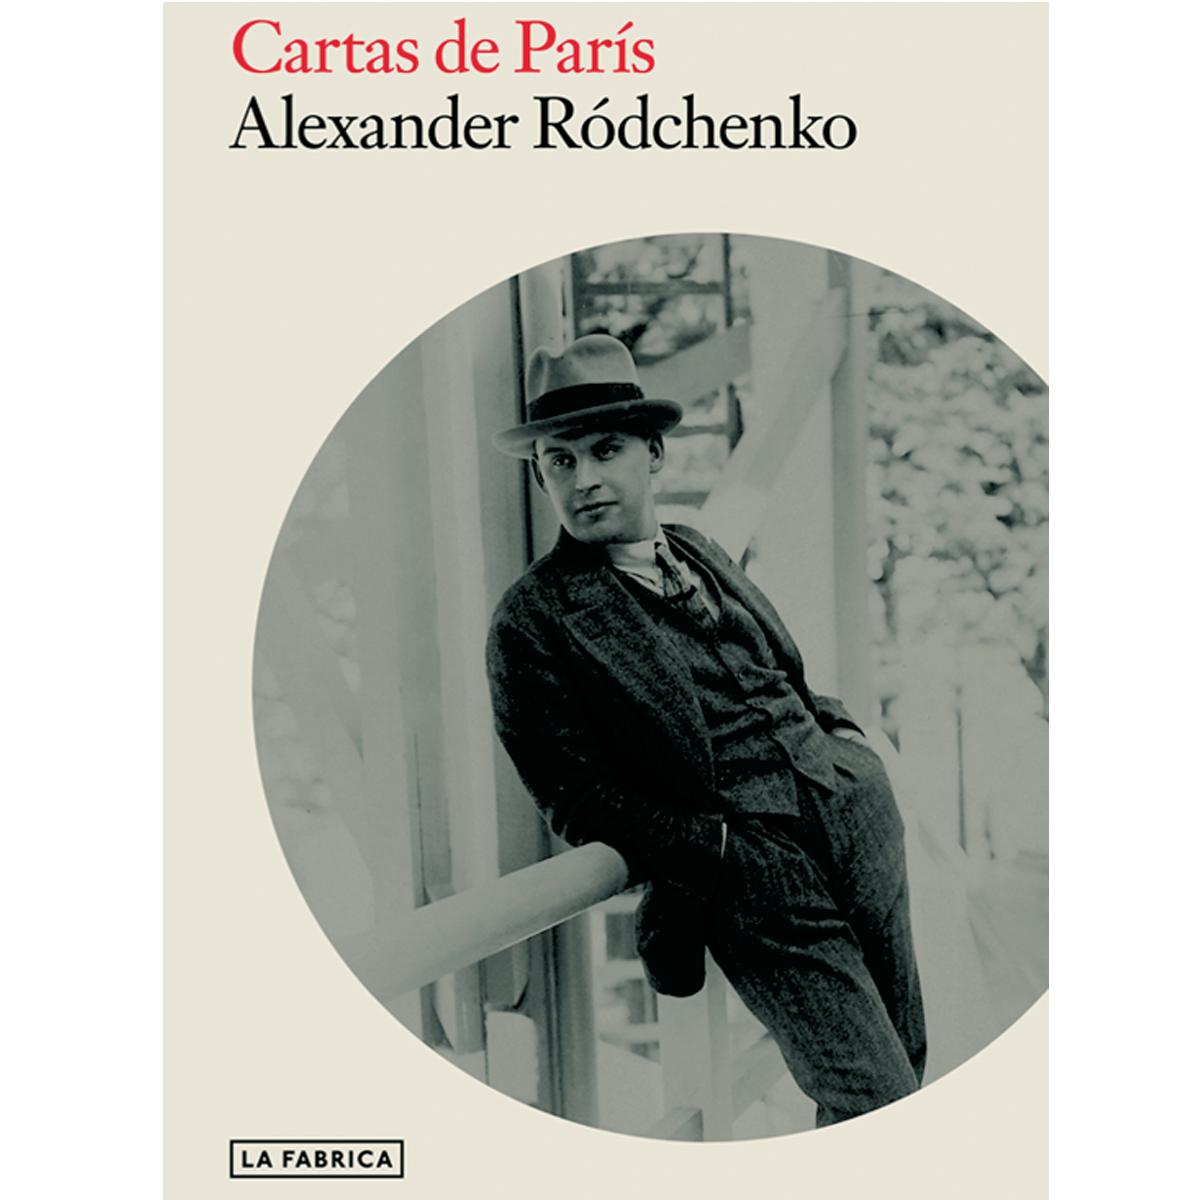 Cartas de París. Alexander Ródchenko